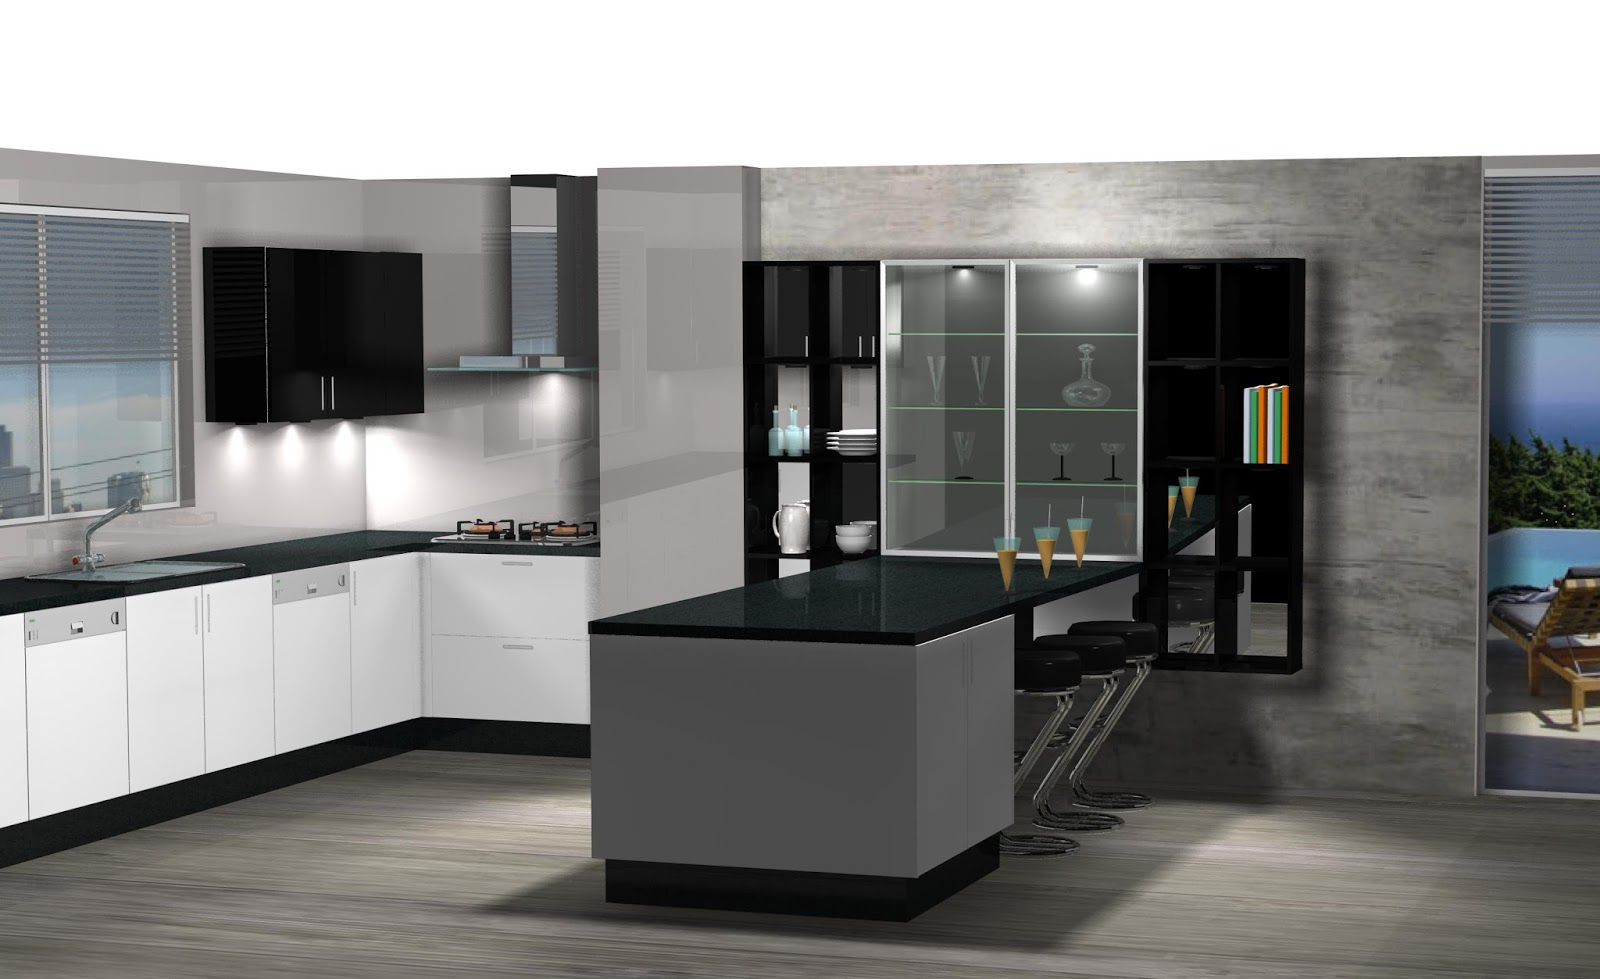 Dise o de cocina comedor lacado en blanco y negro for Cocinas modernas estilo americano